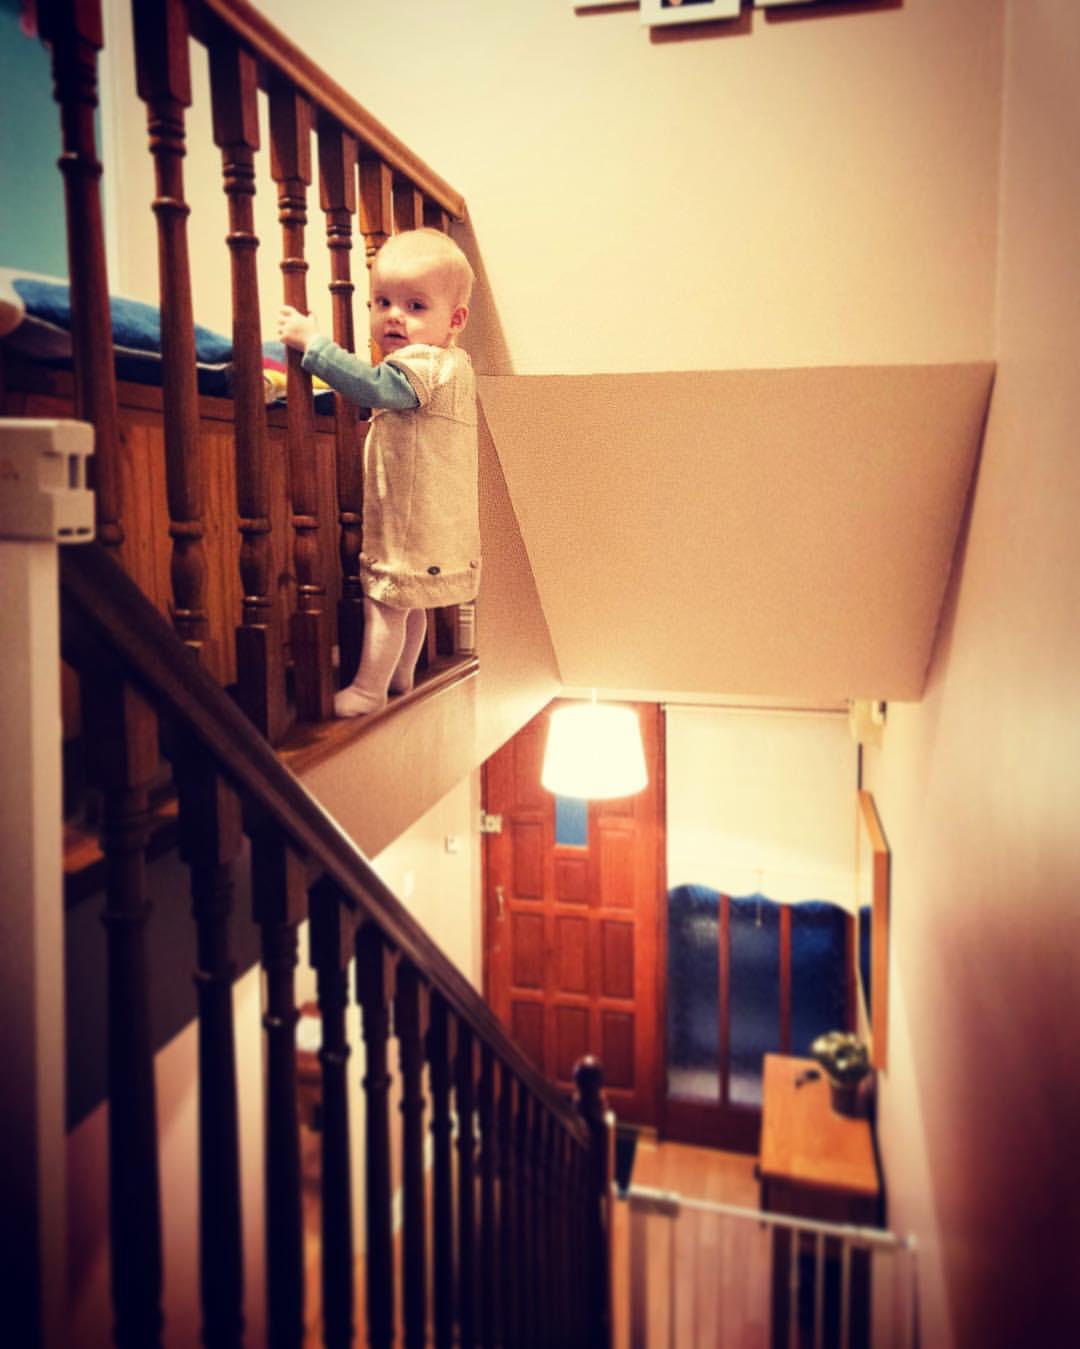 Een jong meisje is gephotoshopt op de schoot van haar vader waar door het lijkt of ze op een smal randje boven langs een trap loopt.